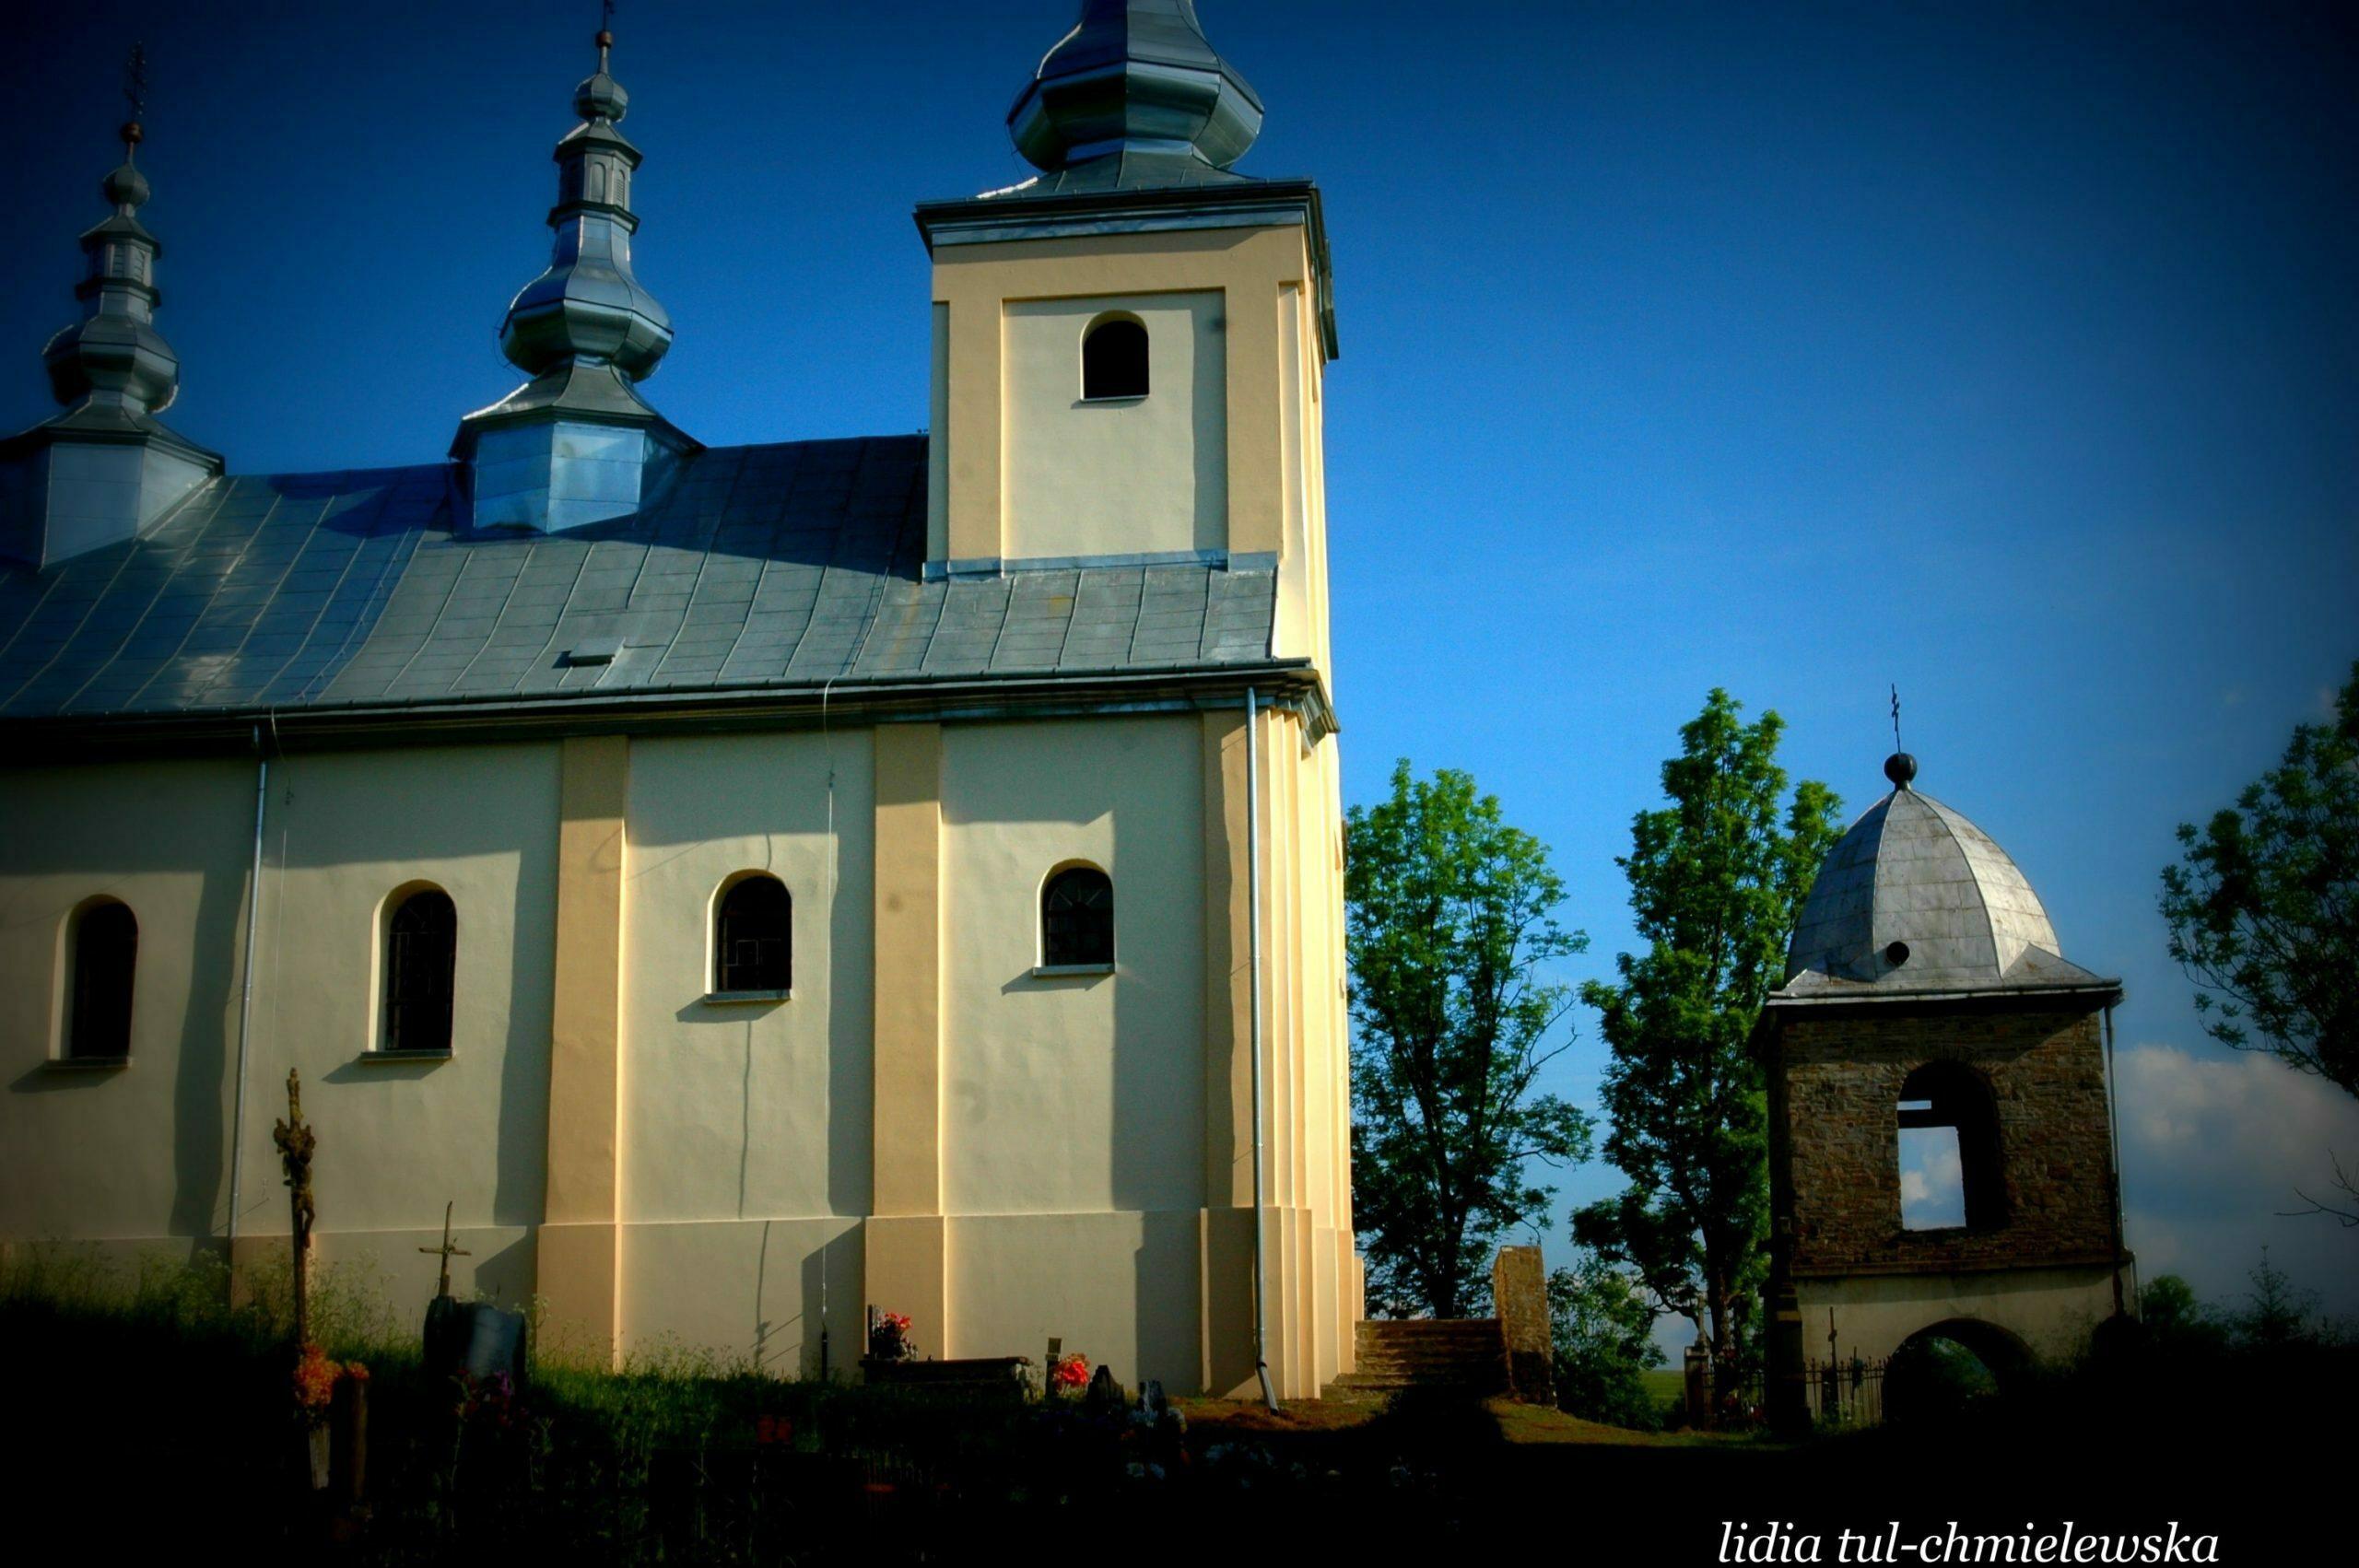 Cerkiew w Smolniku nad Osława / fot. Lidia Tul-Chmielewska